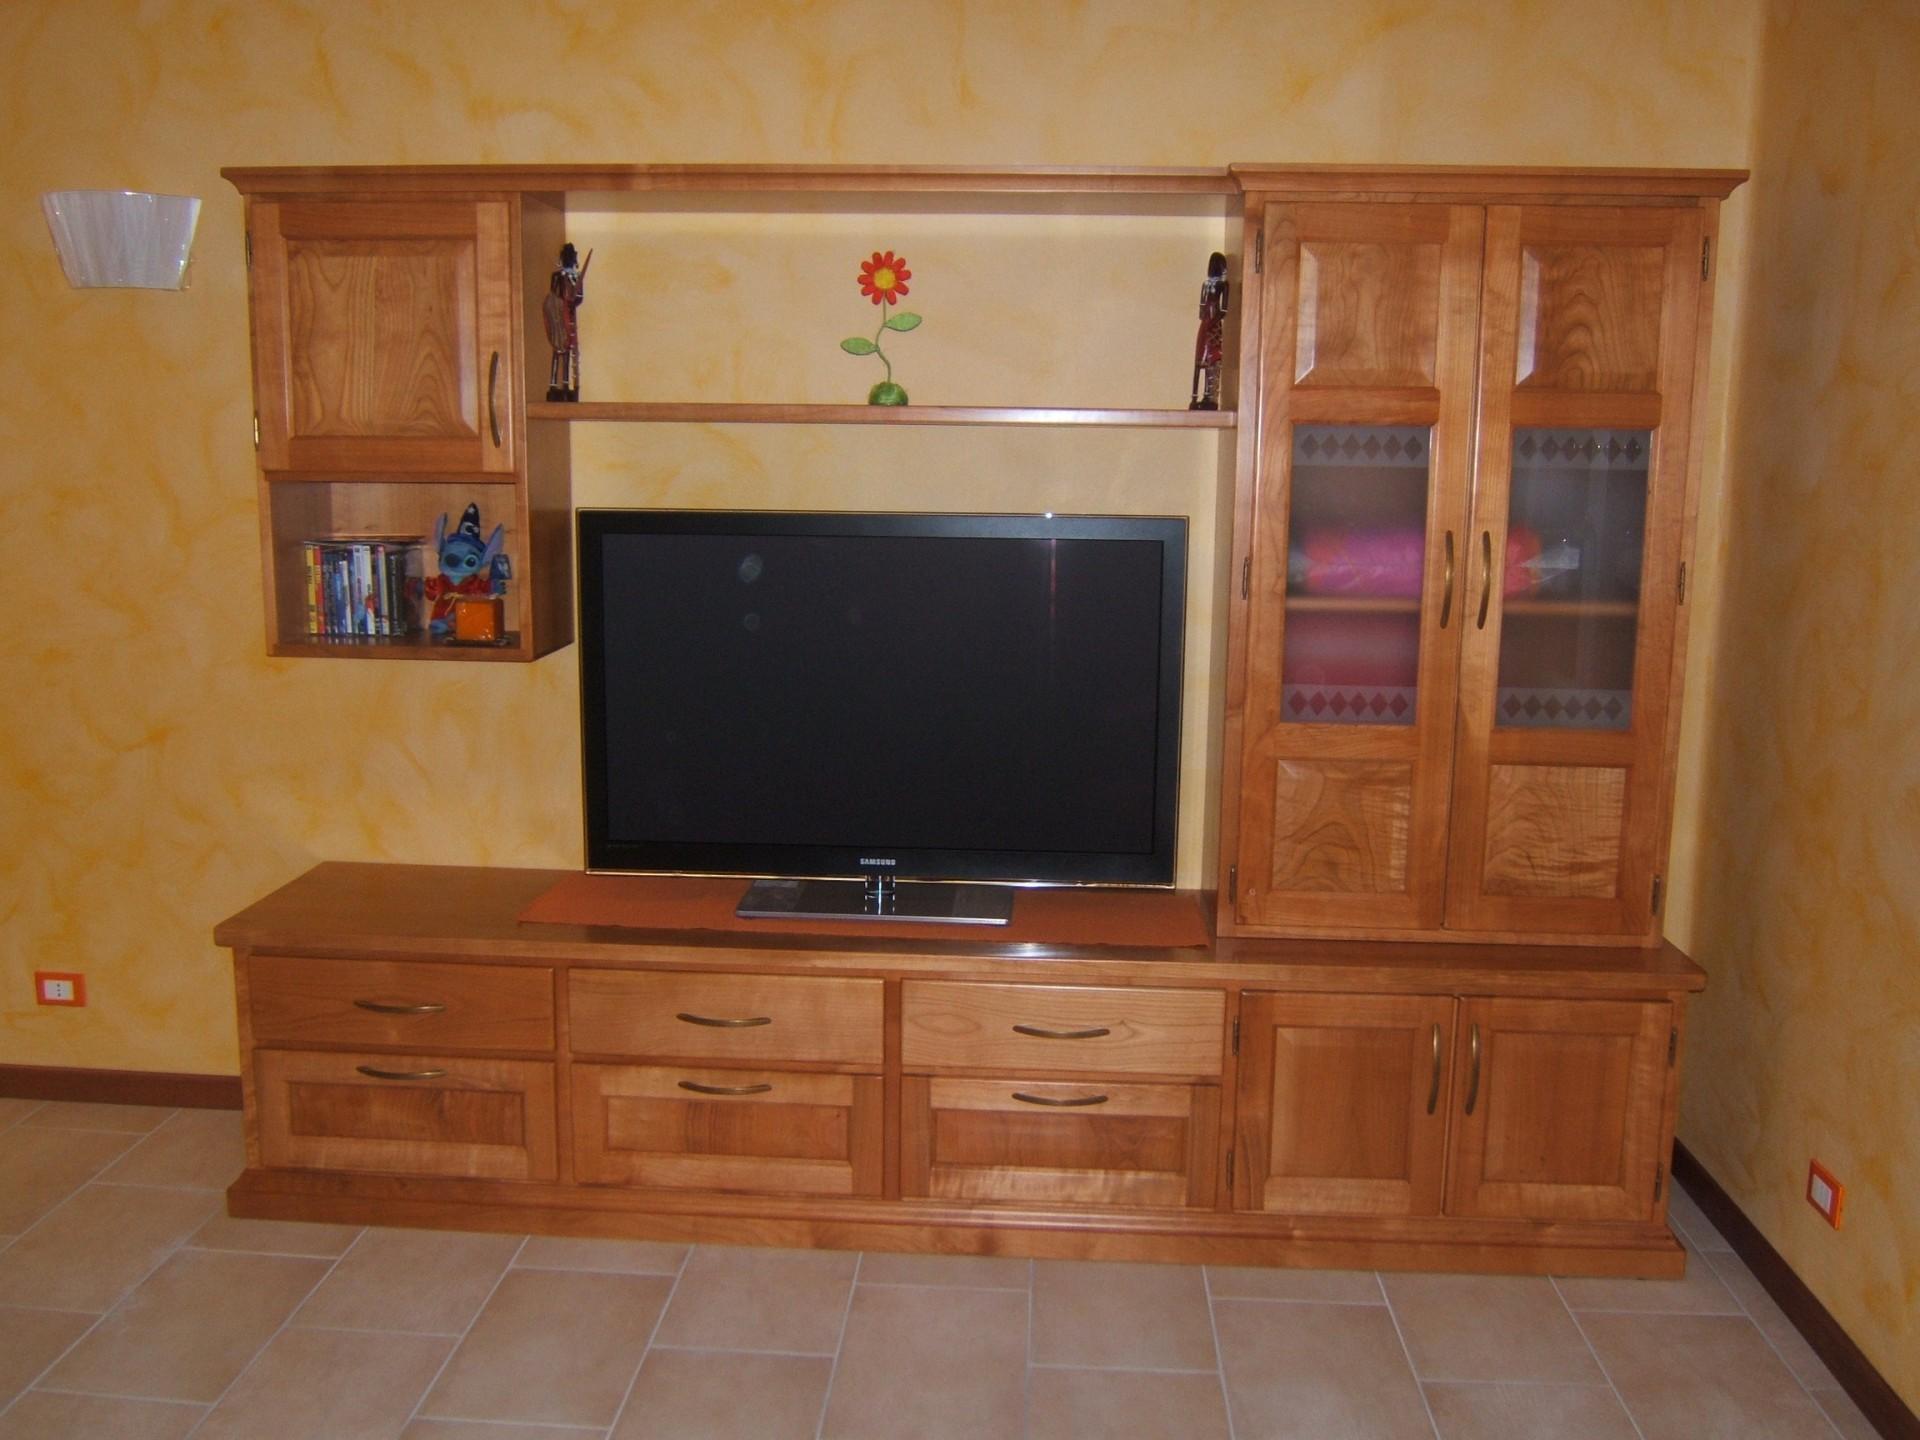 Parete Cucina In Cartongesso : Mobili in legno per sala fadini cerea verona